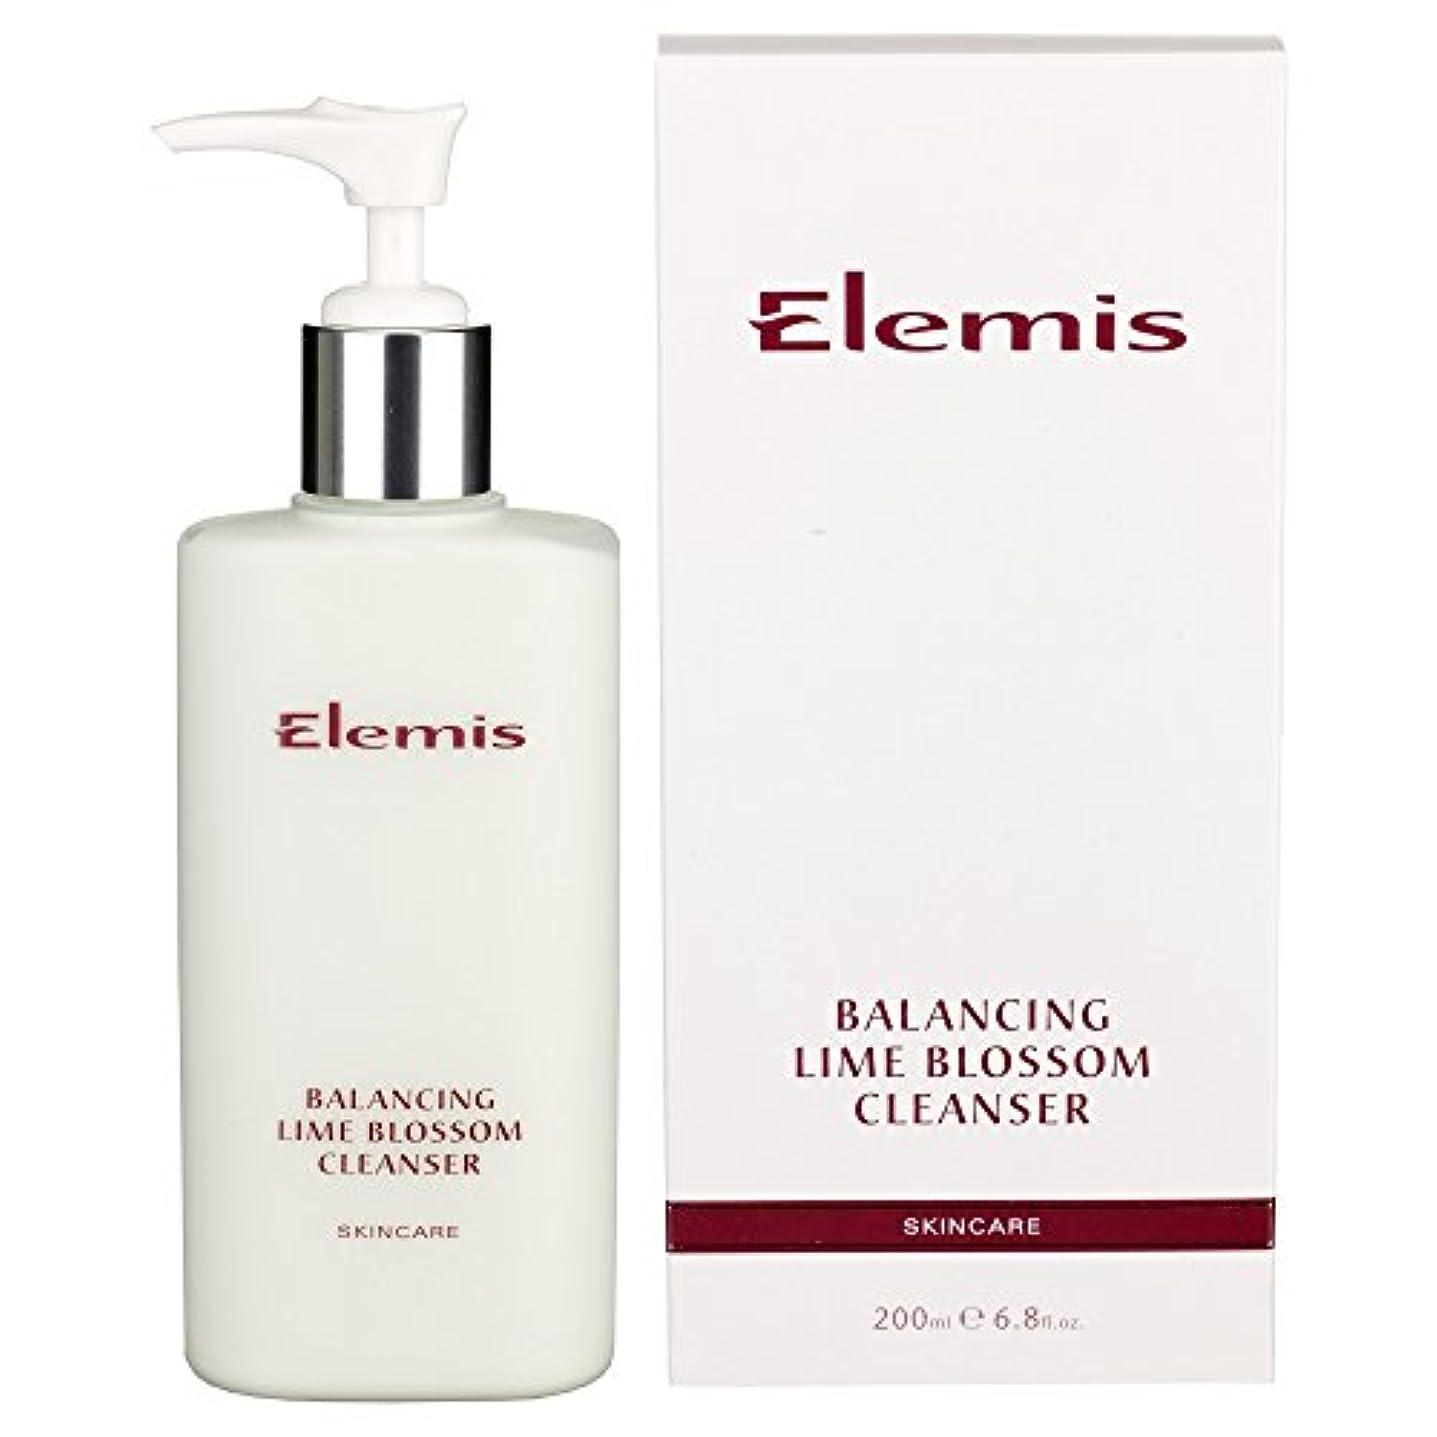 の頭の上あいにく動員するライムブロッサムクレンザーのバランスをとります (Elemis) - Balancing Lime Blossom Cleanser [並行輸入品]